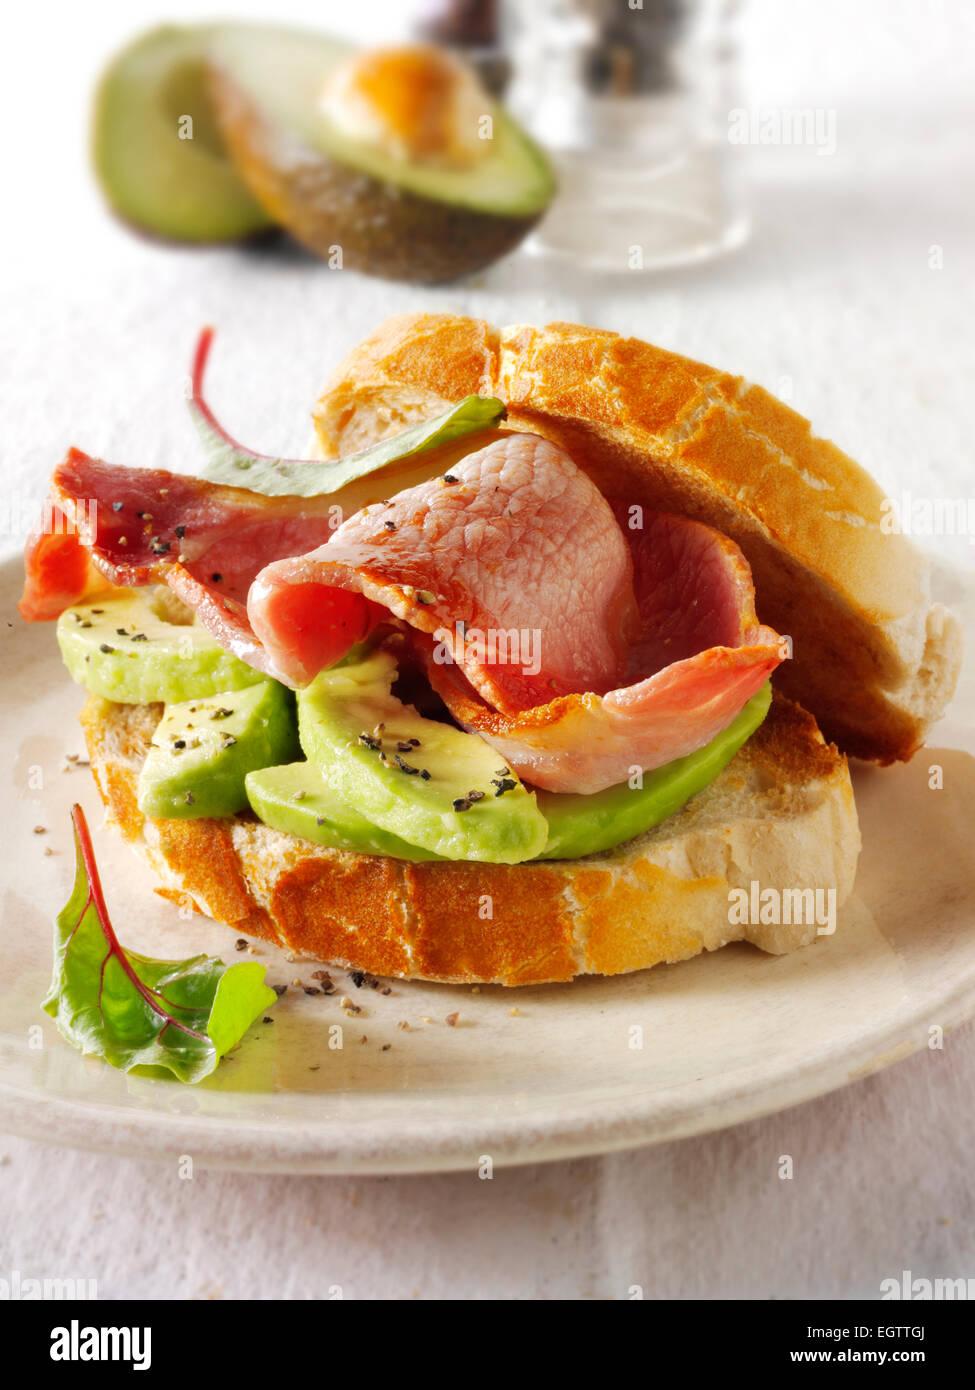 La pancetta e sandwich avacado Immagini Stock